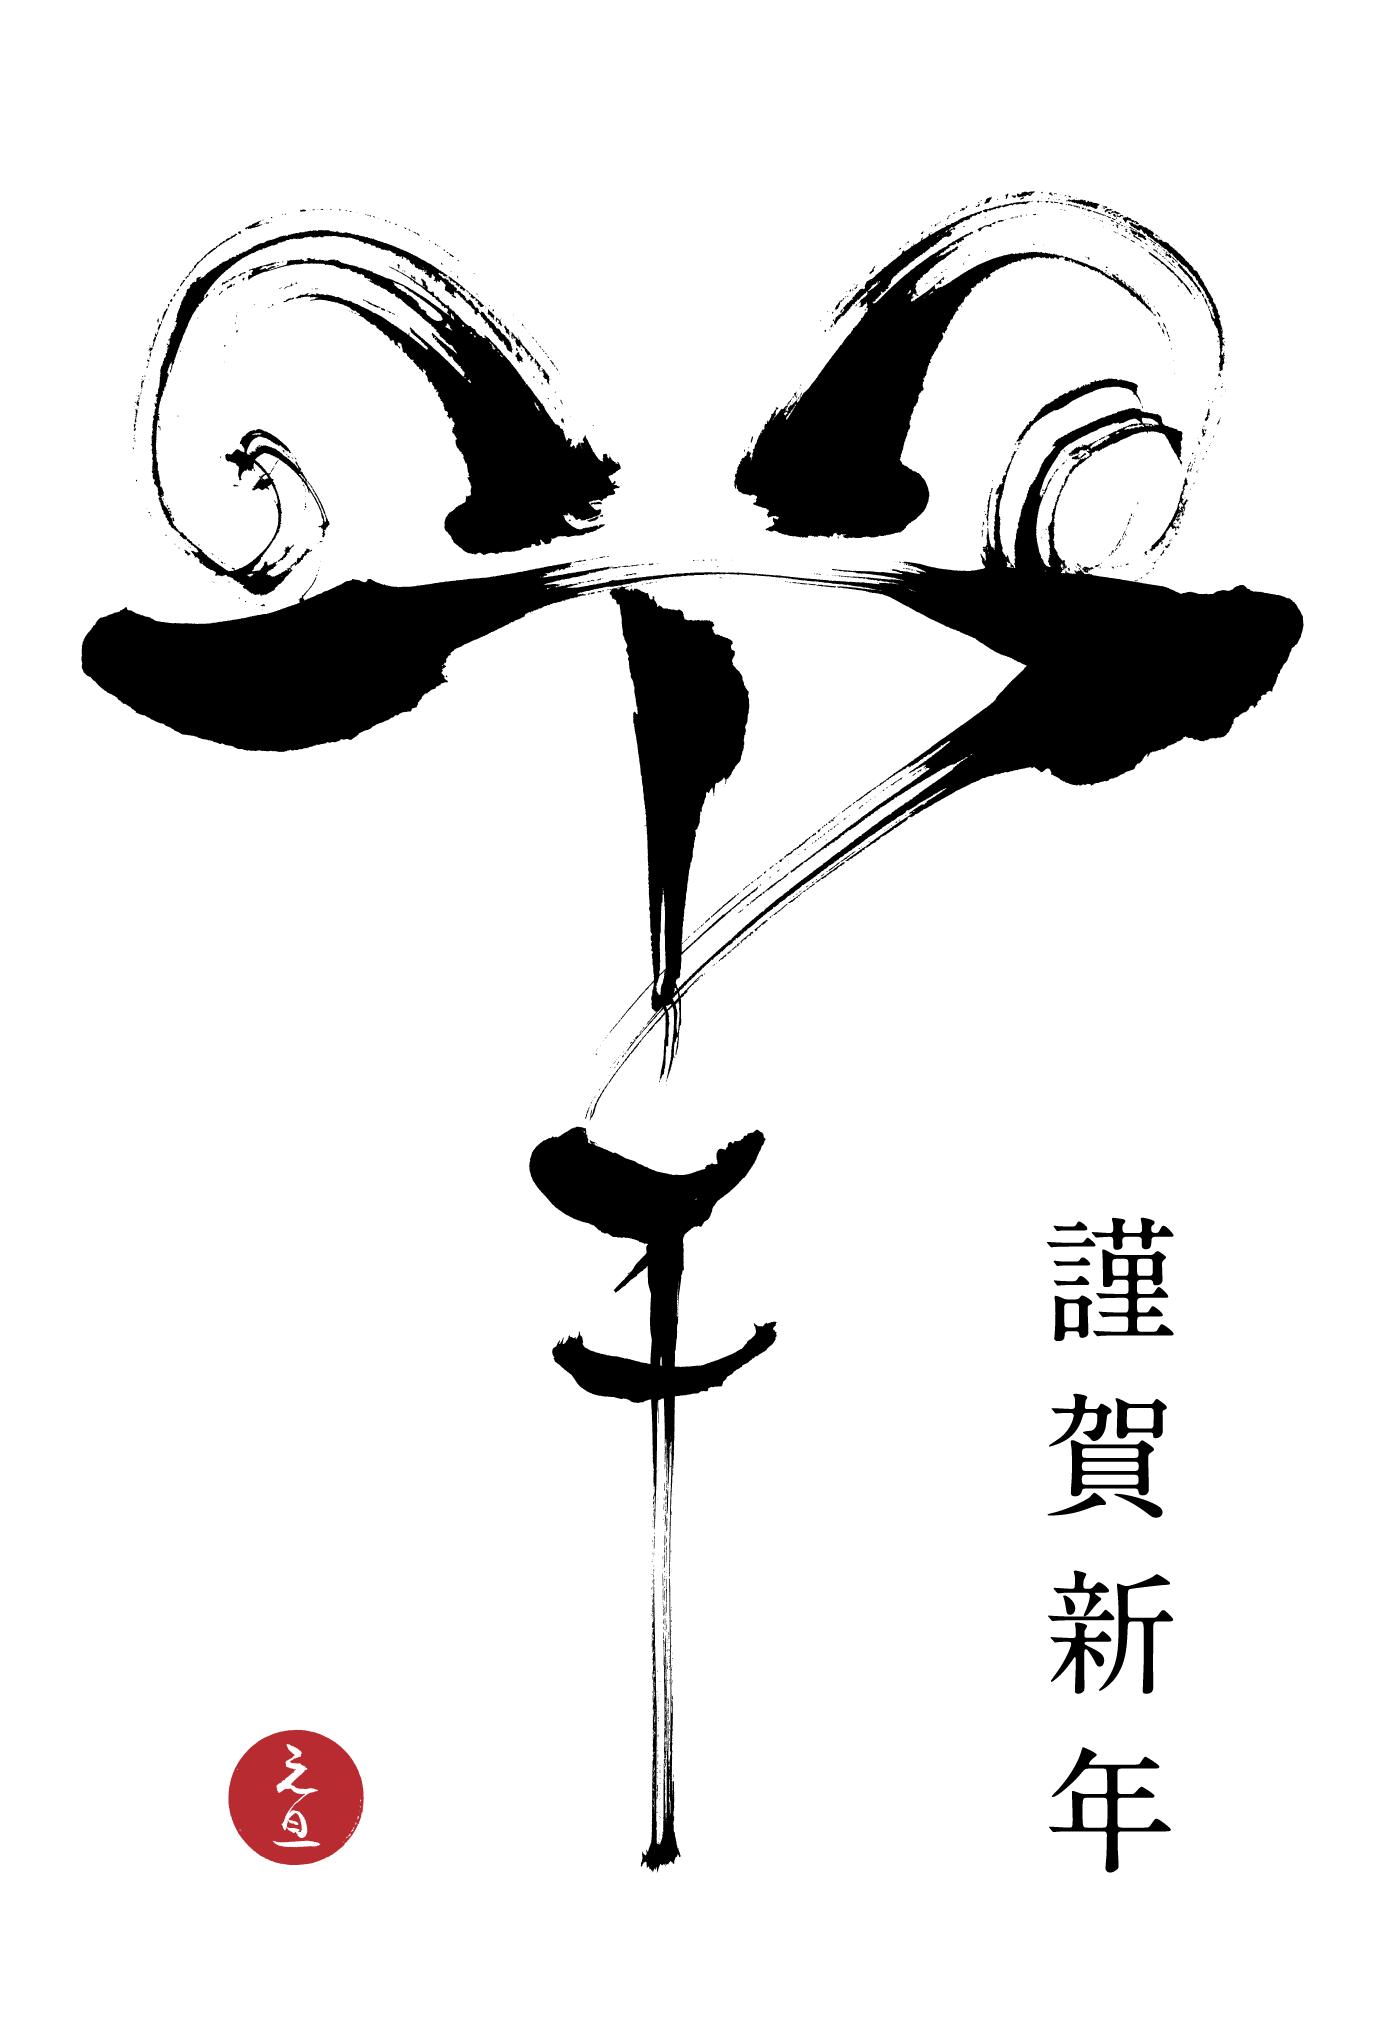 2015年賀状13-1:羊 Calligraphy(謹賀新年)縦のダウンロード画像